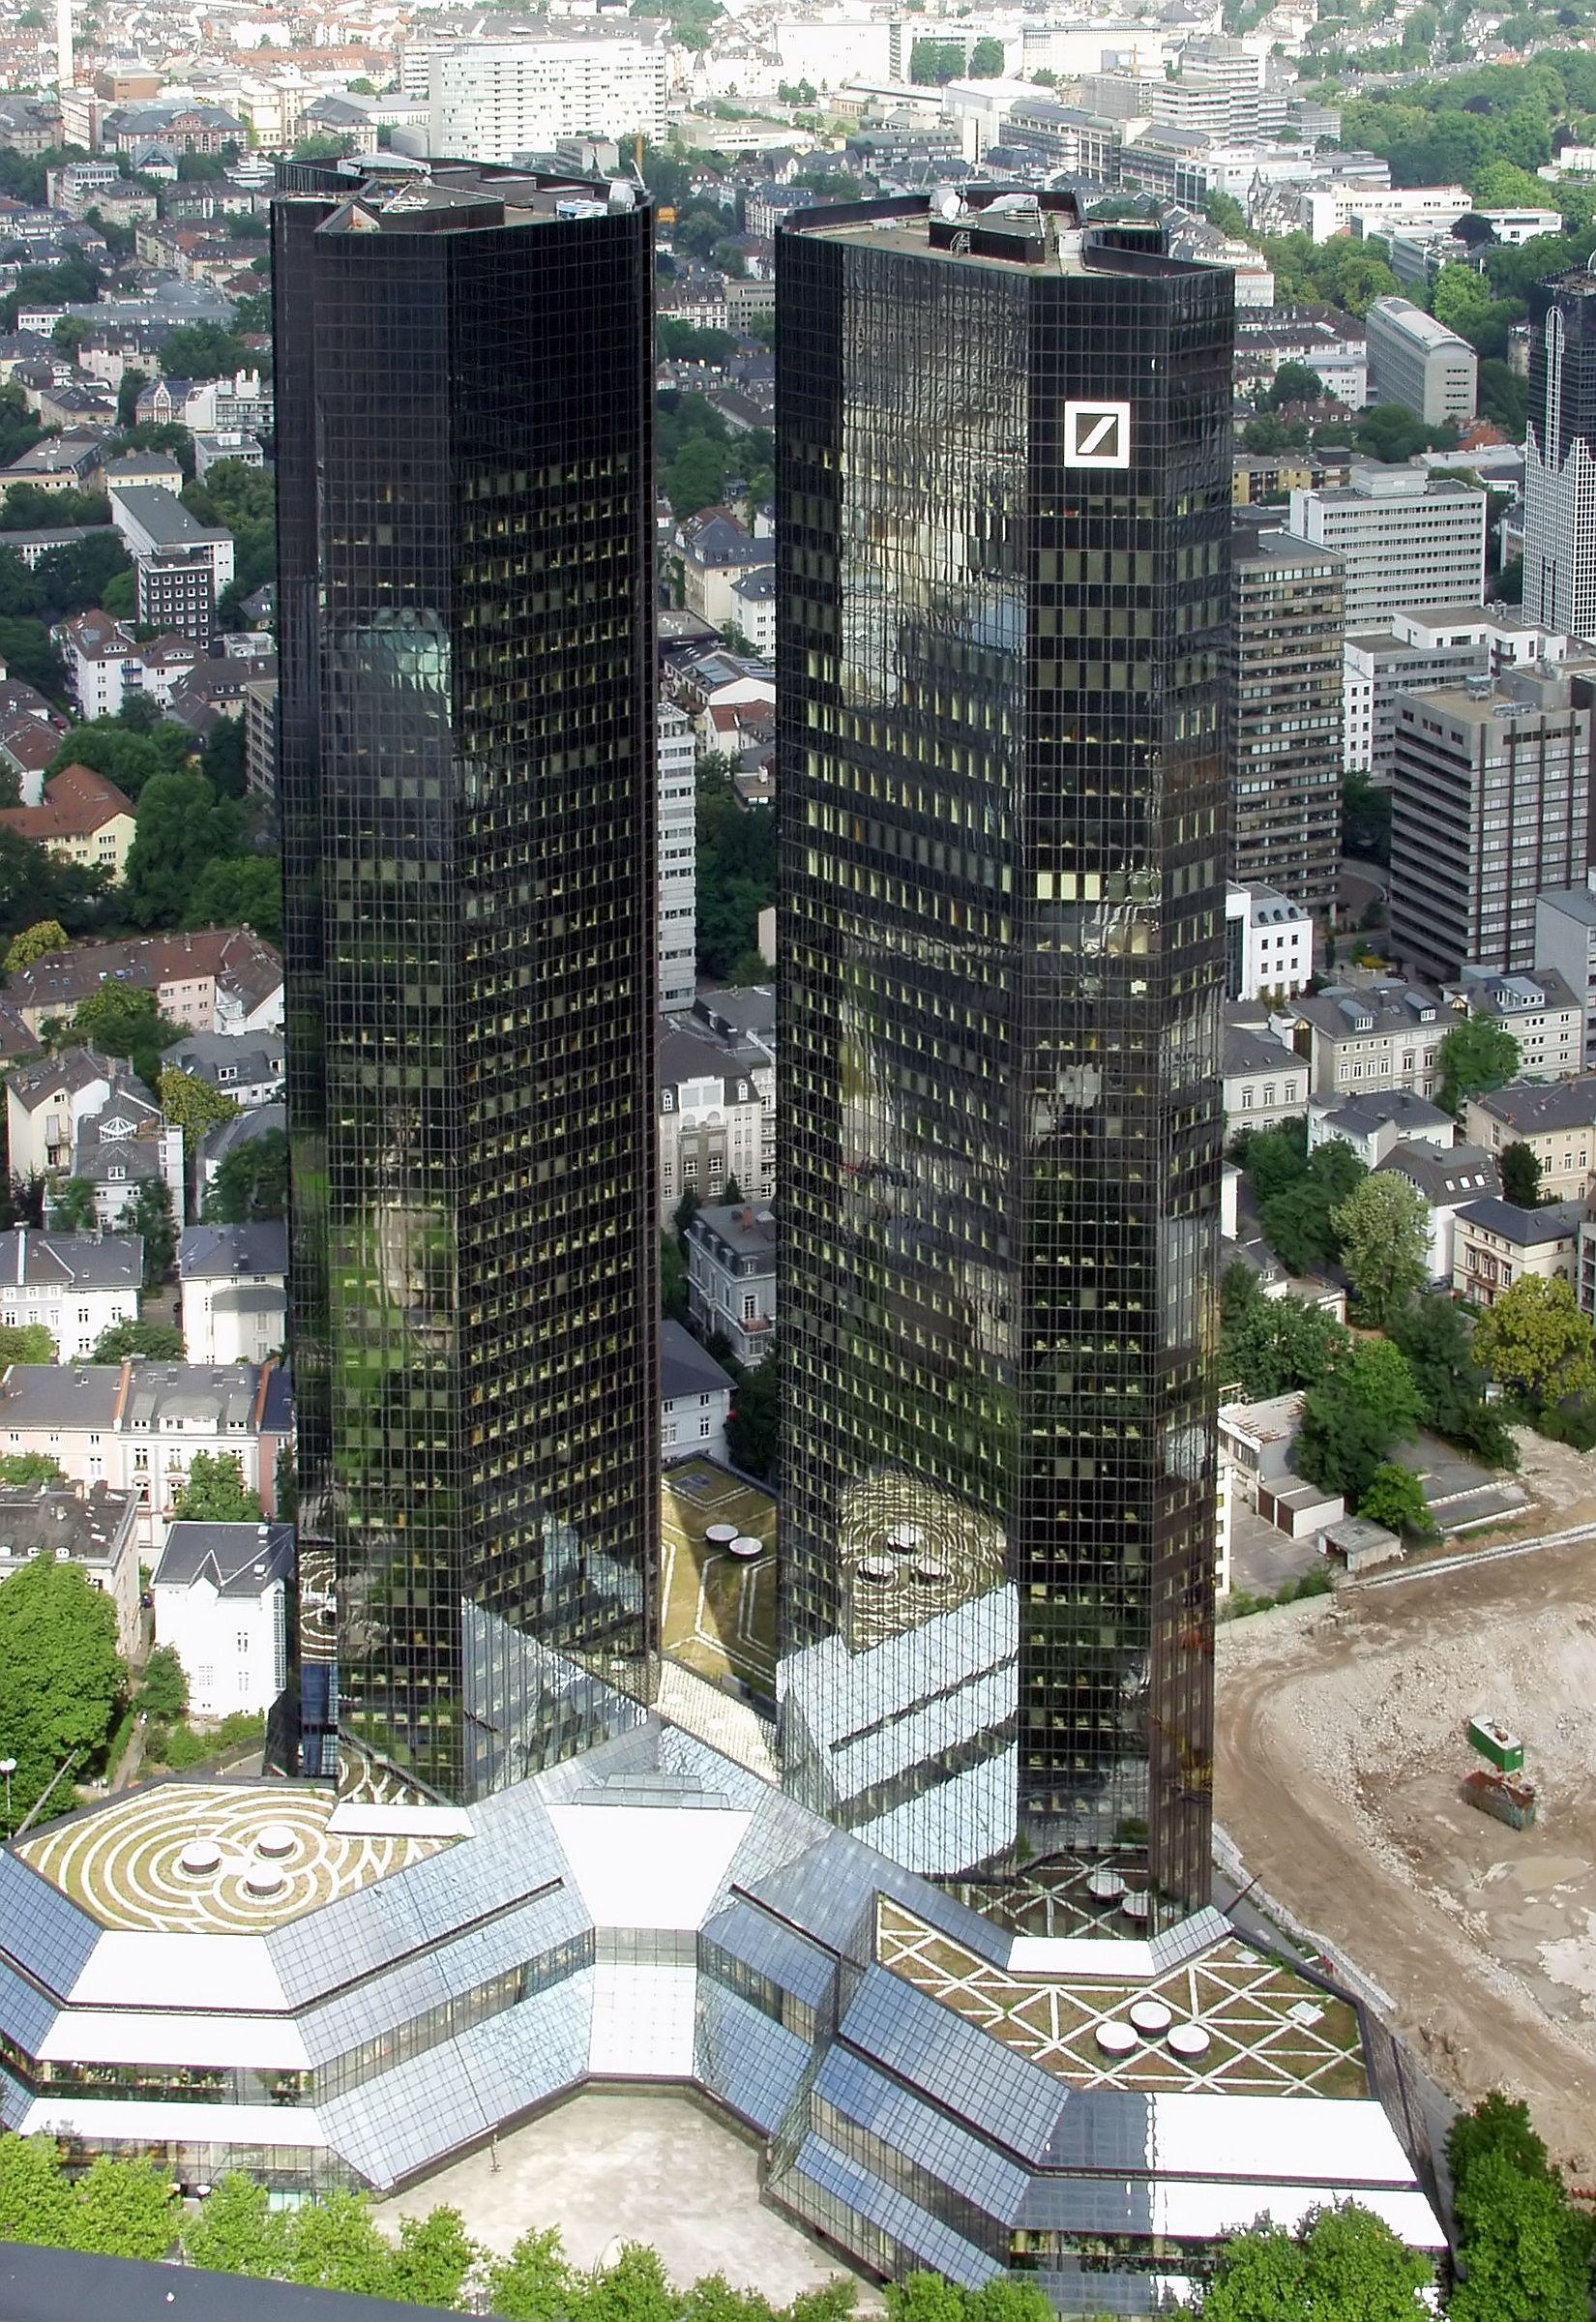 Deutsche Bank FrankfurtamMain. Image of German banking